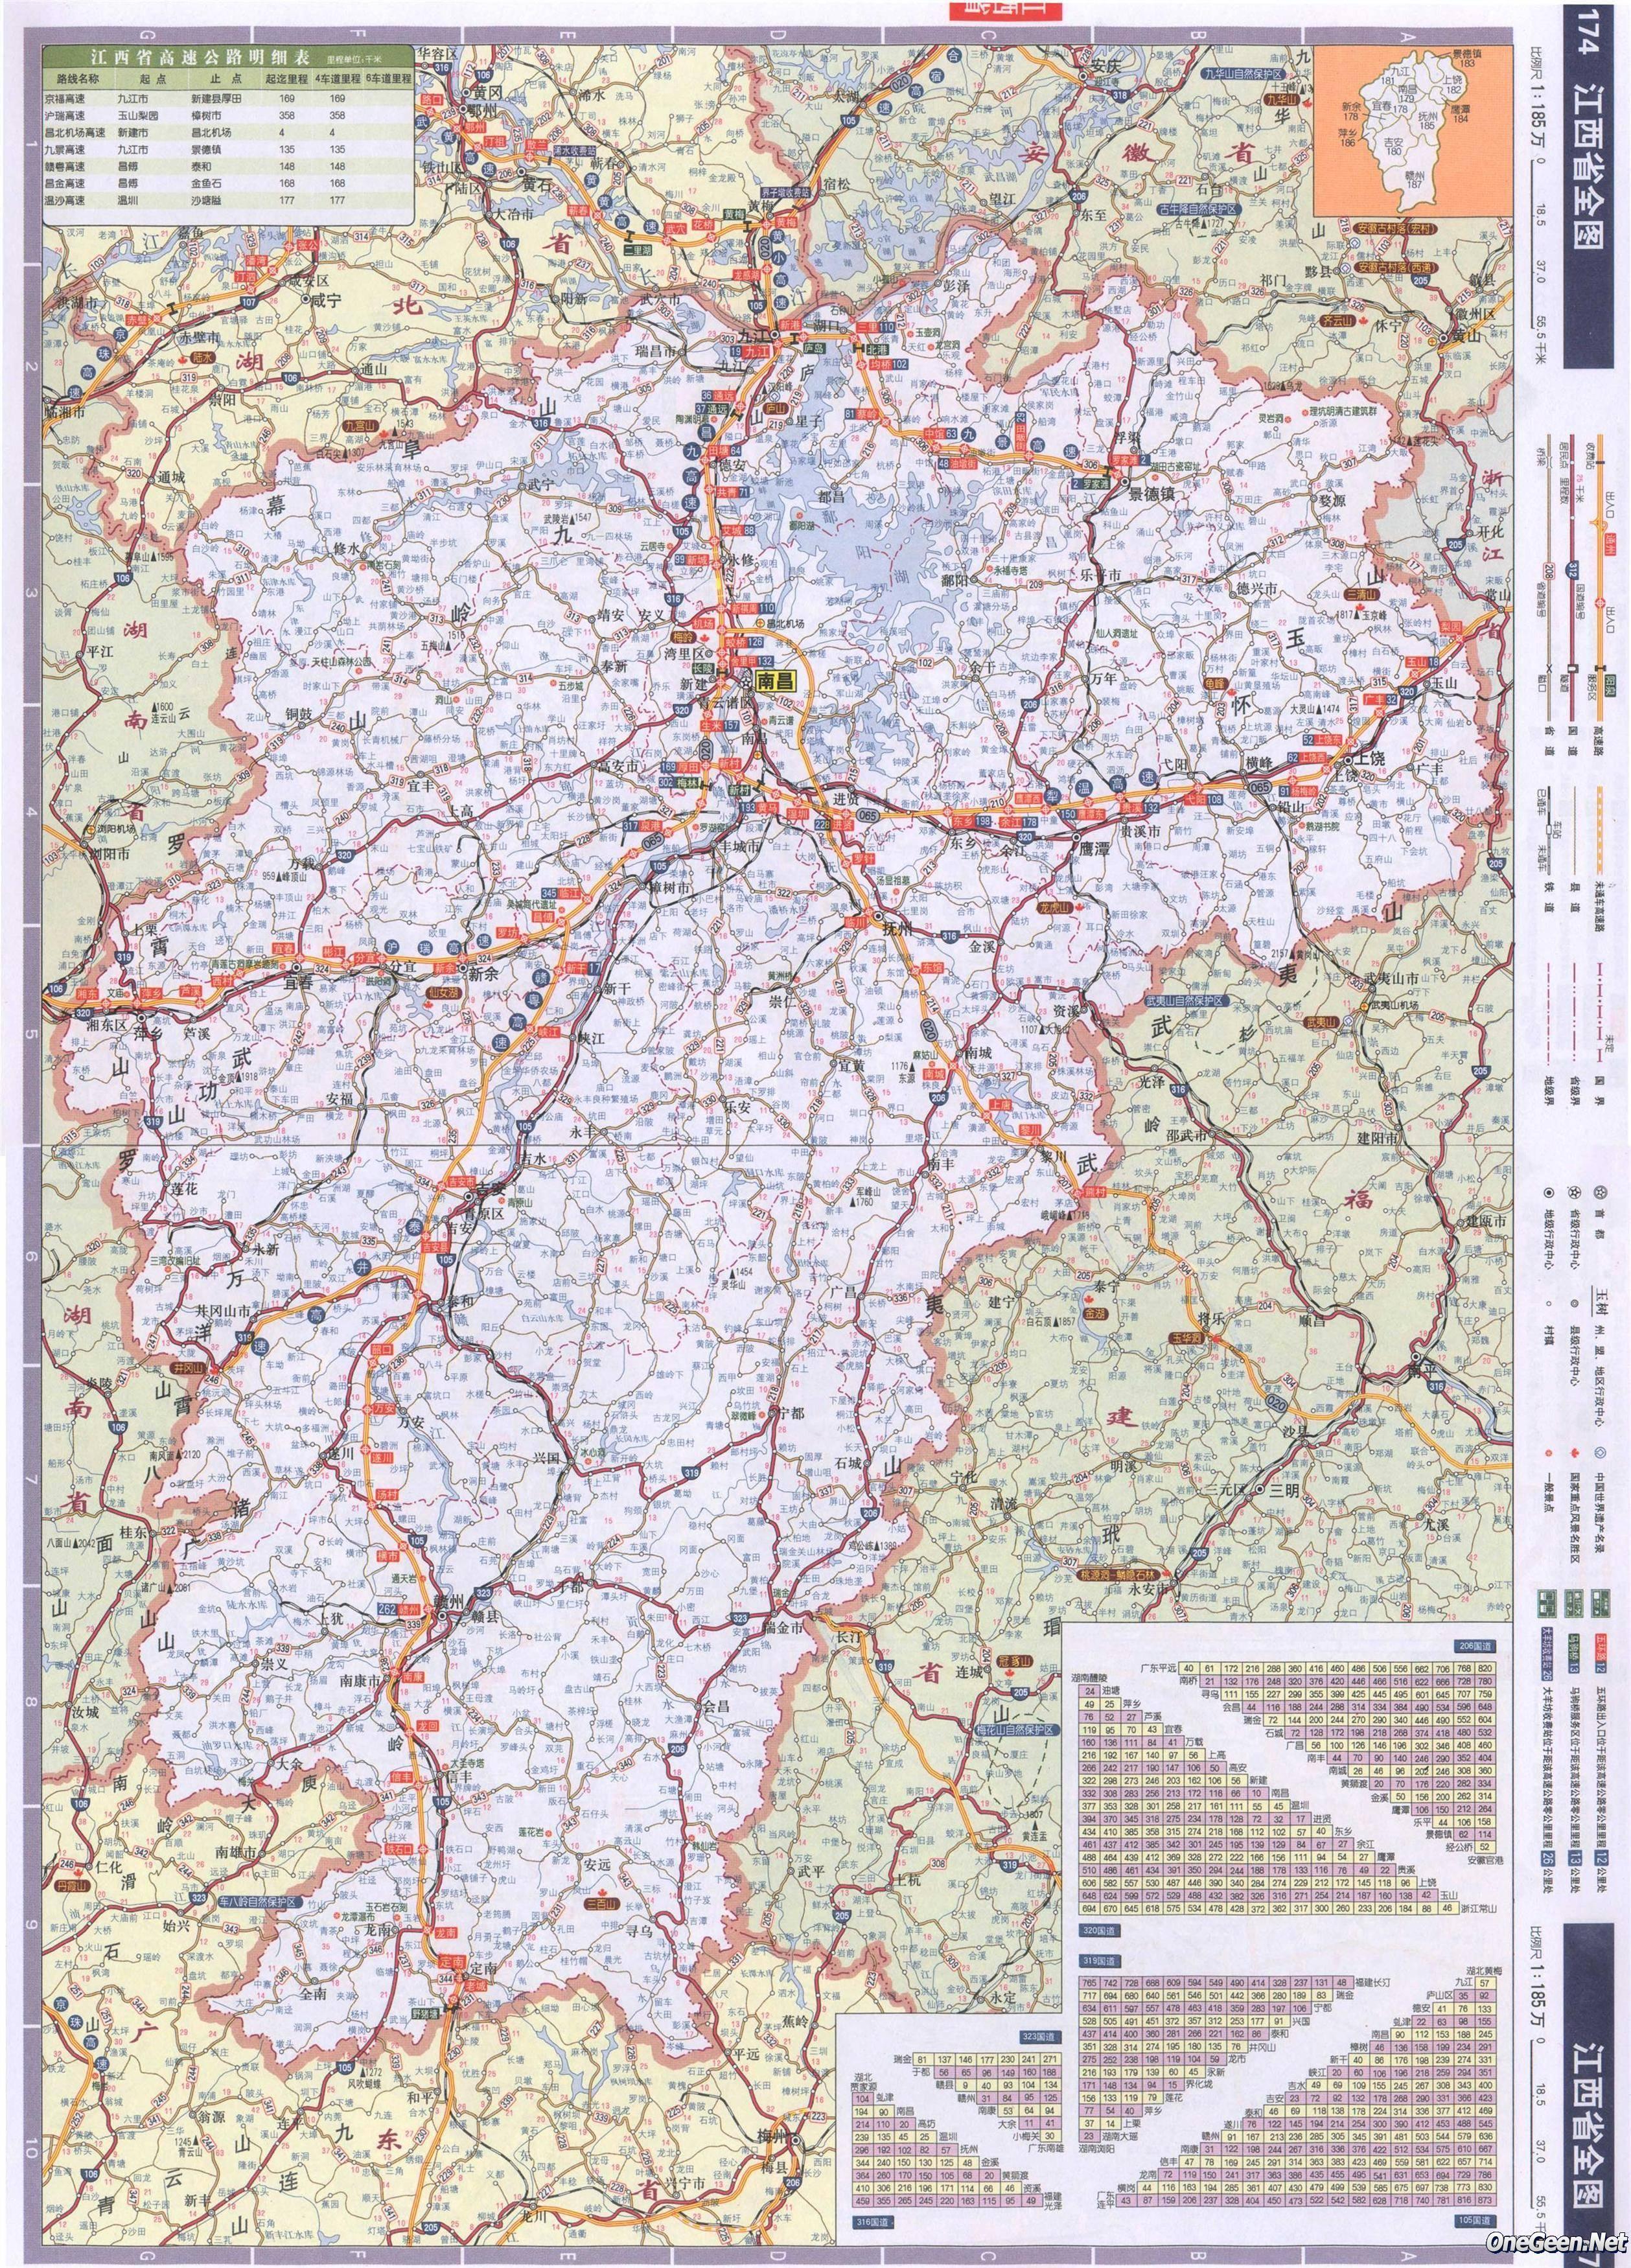 中国公路交通全图_广西公路交通地图全图_交通地图库